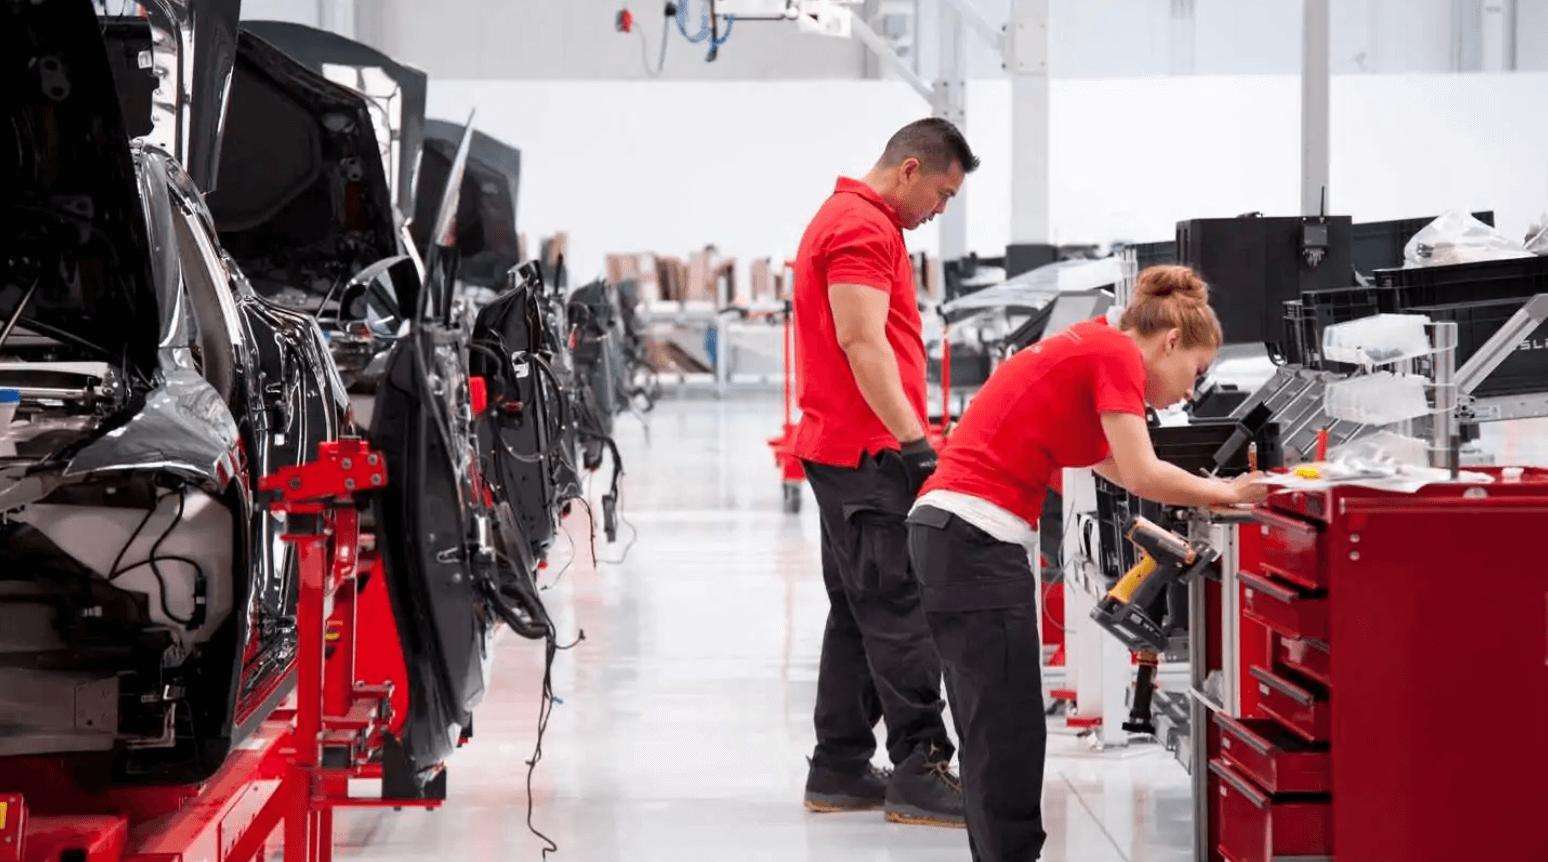 Илон Маск говорит, что до 2022 года Tesla понадобится 10 000 сотрудников в Техасе - Tesla Motors Club